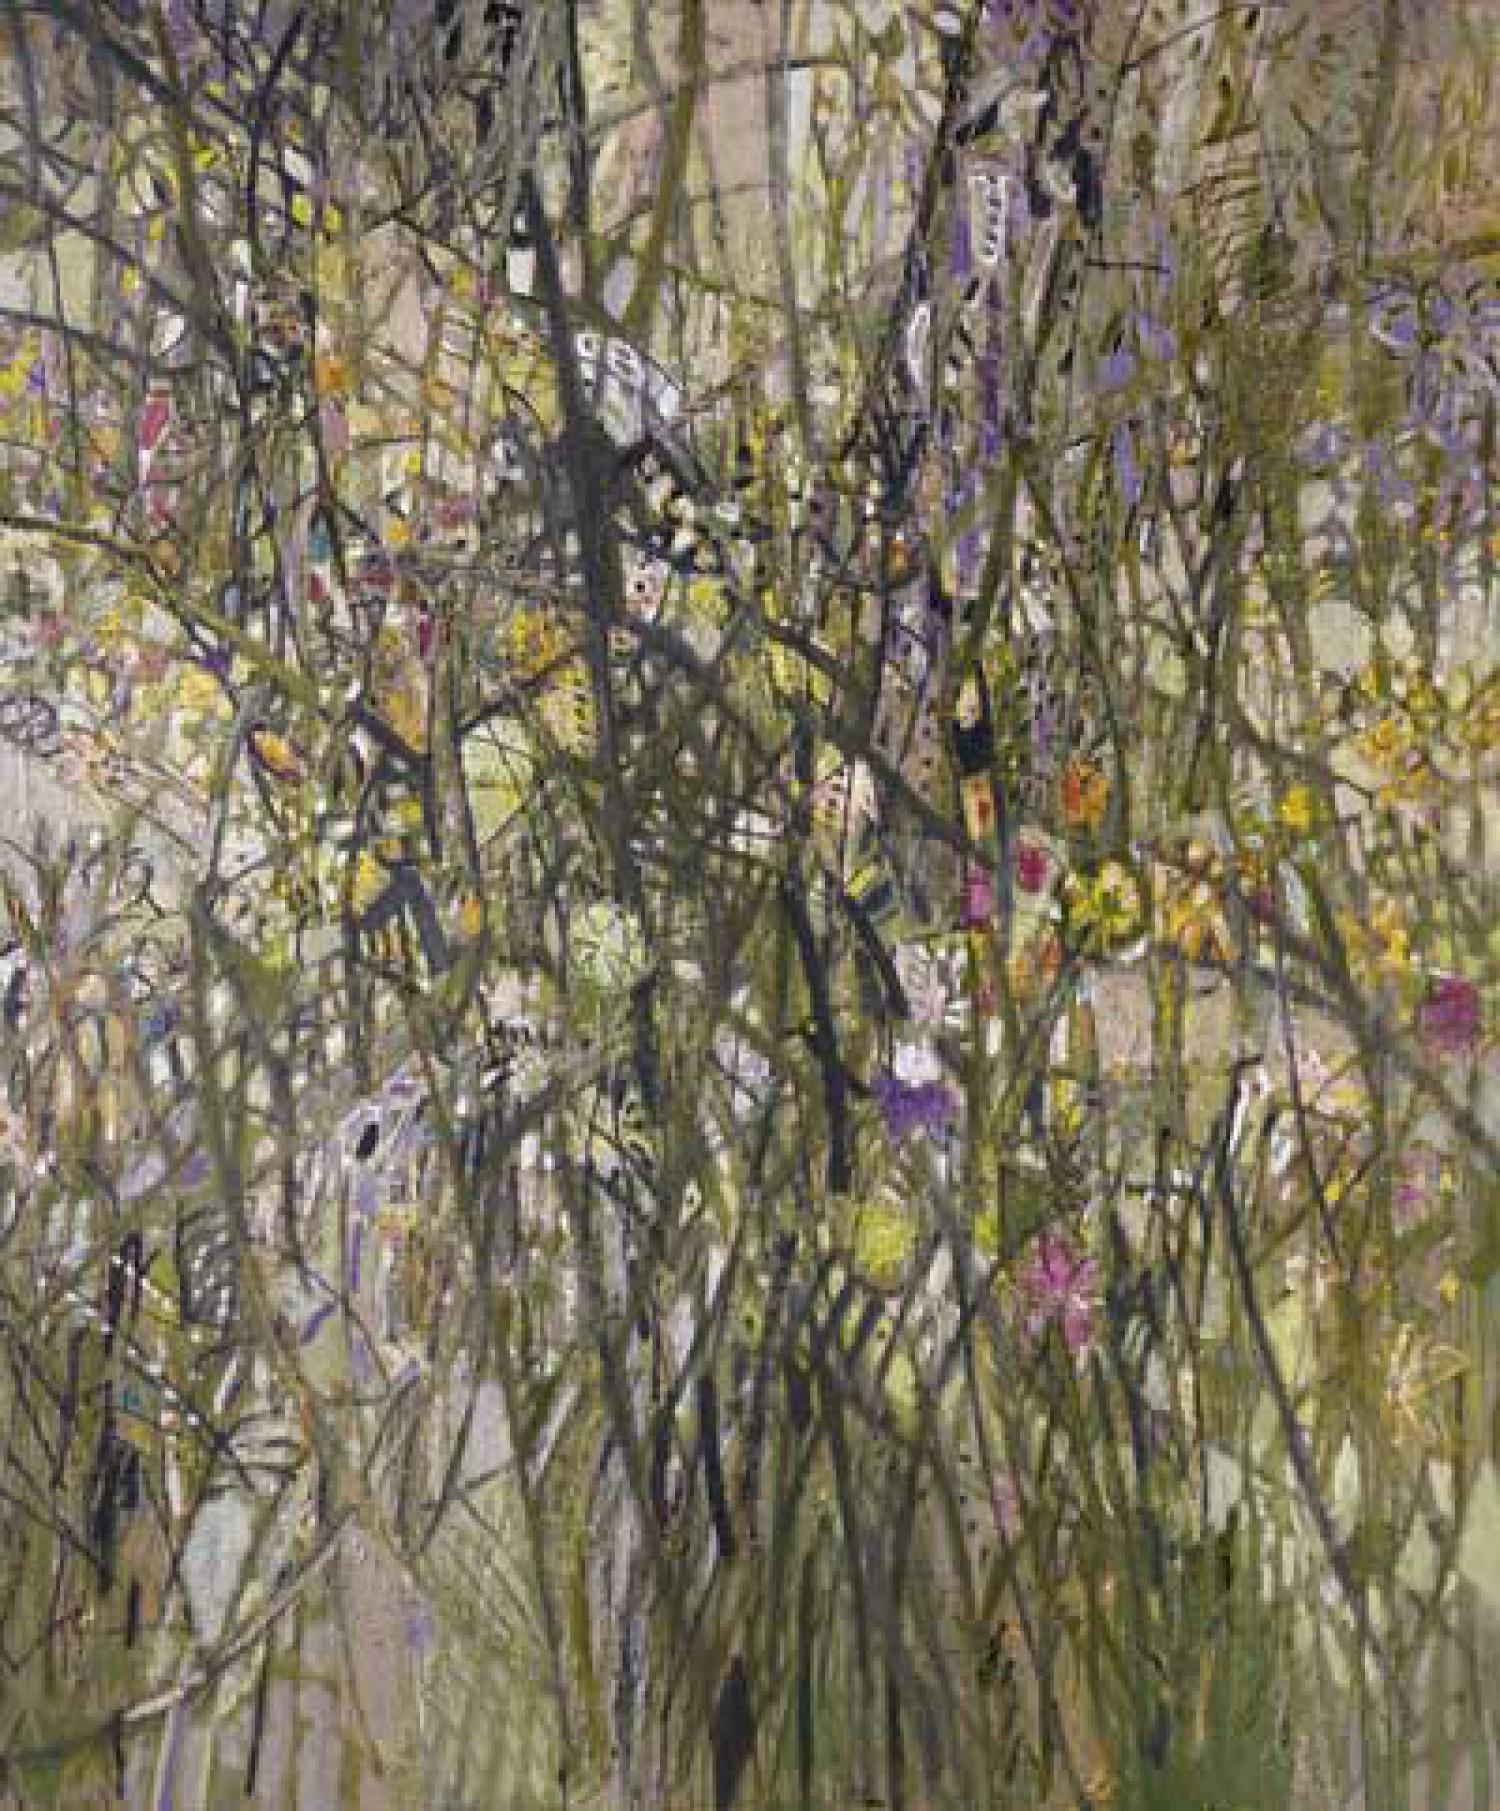 Л.А.Малафеевский. Высокие травы (центральная часть триптиха). 2008. Холст, масло. 180х150.